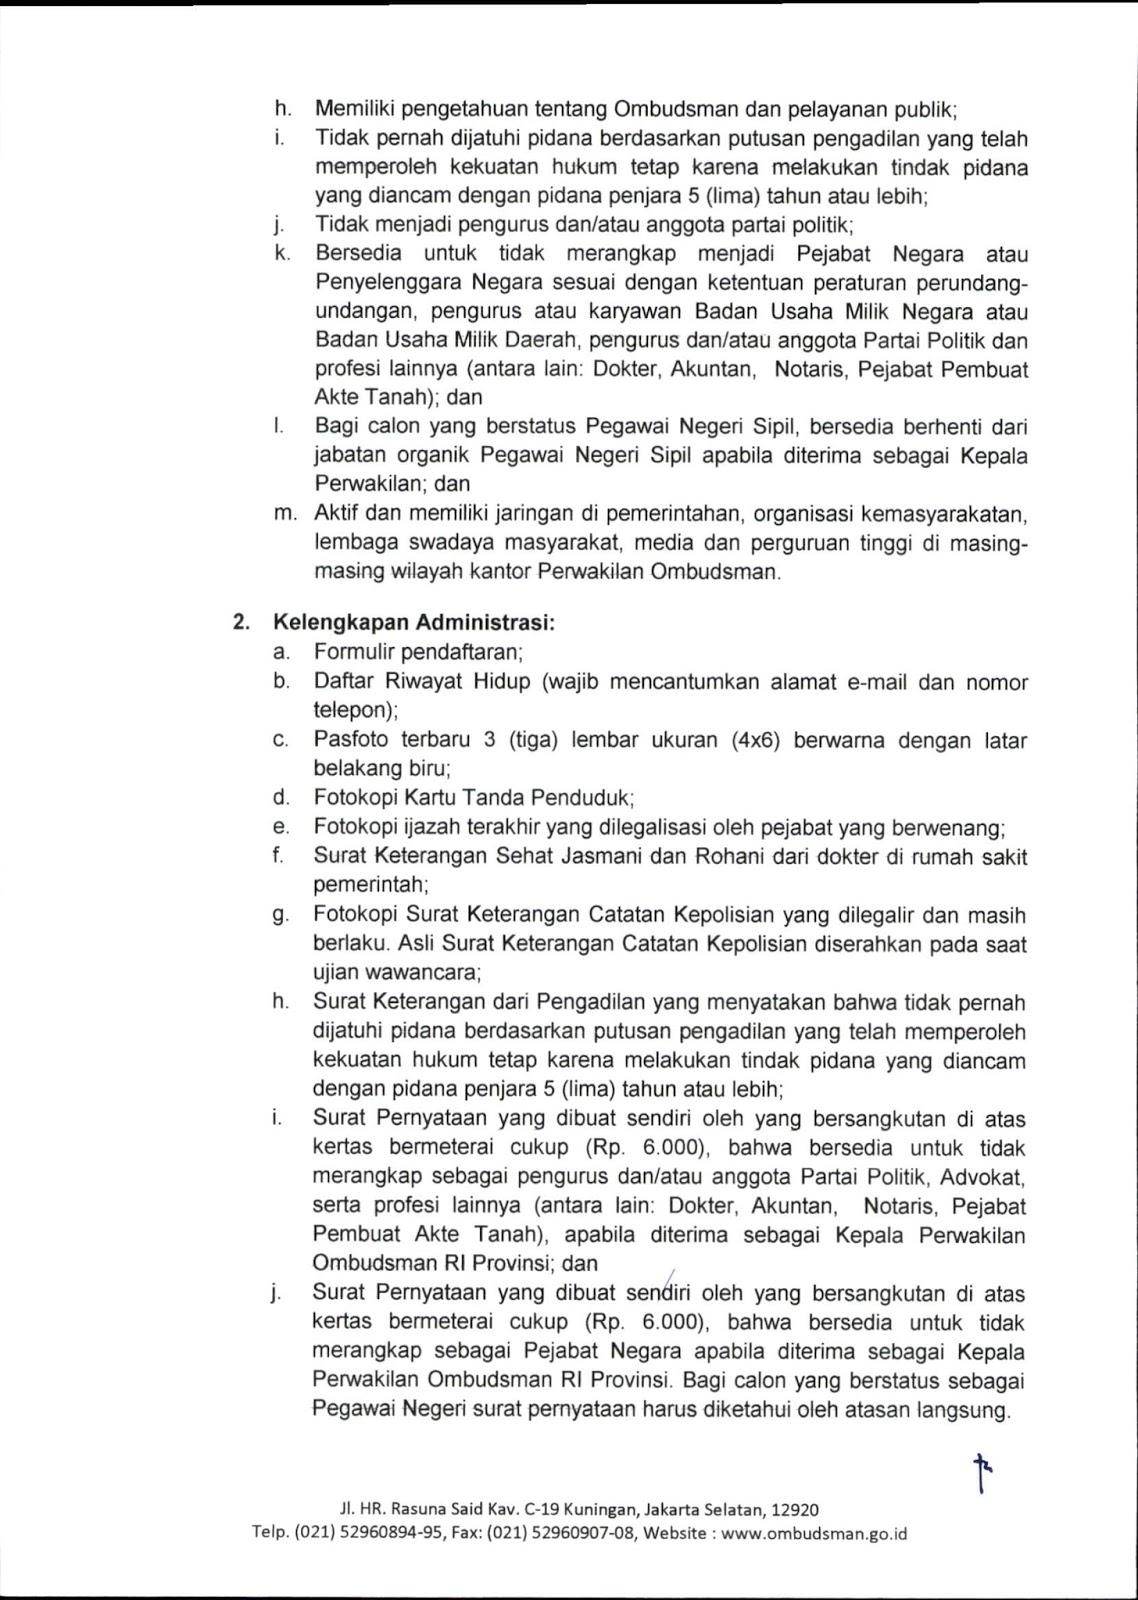 Lowongan Kerja Terbaru Ombudsman Republik Indonesia ...